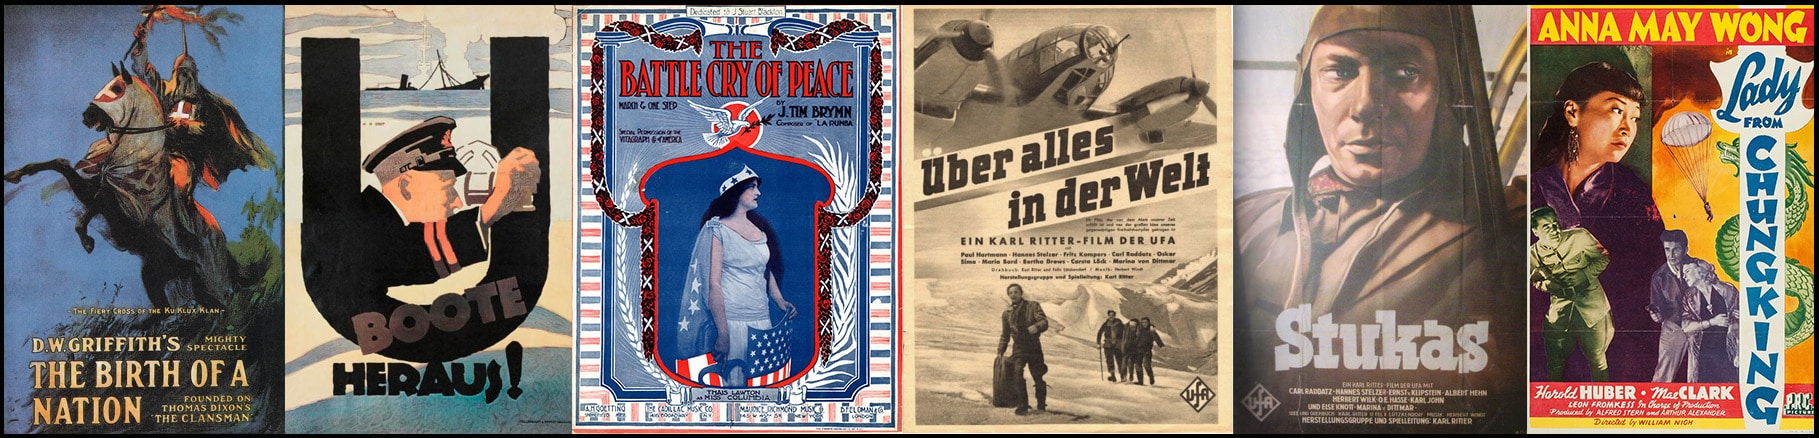 Propagandafilm